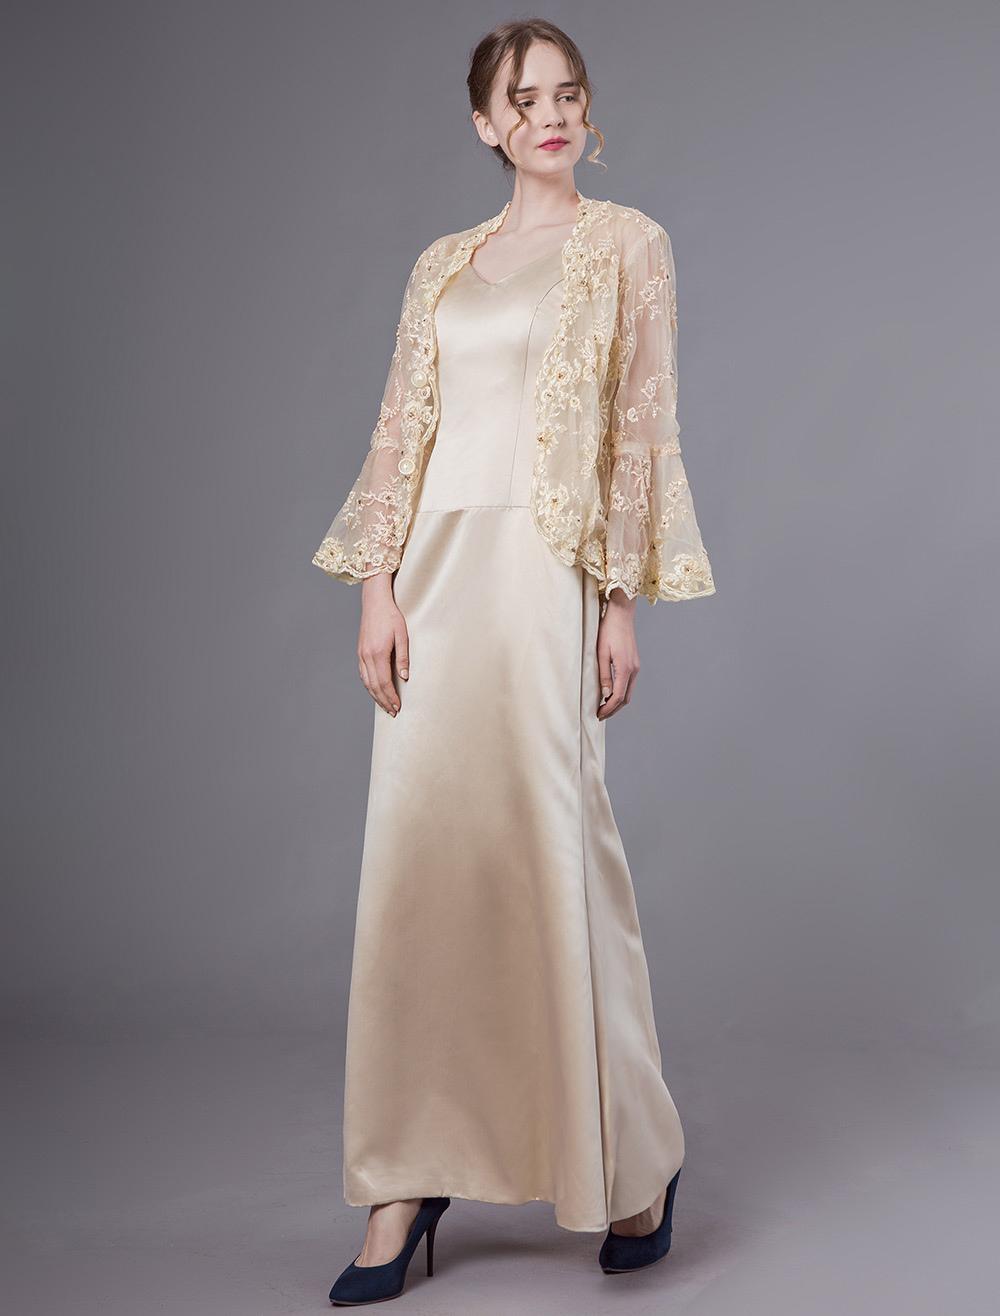 Brautmutterkleider Etui- Abendkleider für Hochzeit Spitze Champagner  Langarm viereckiger Ausschnitt knöchellang mit Reißverschluss